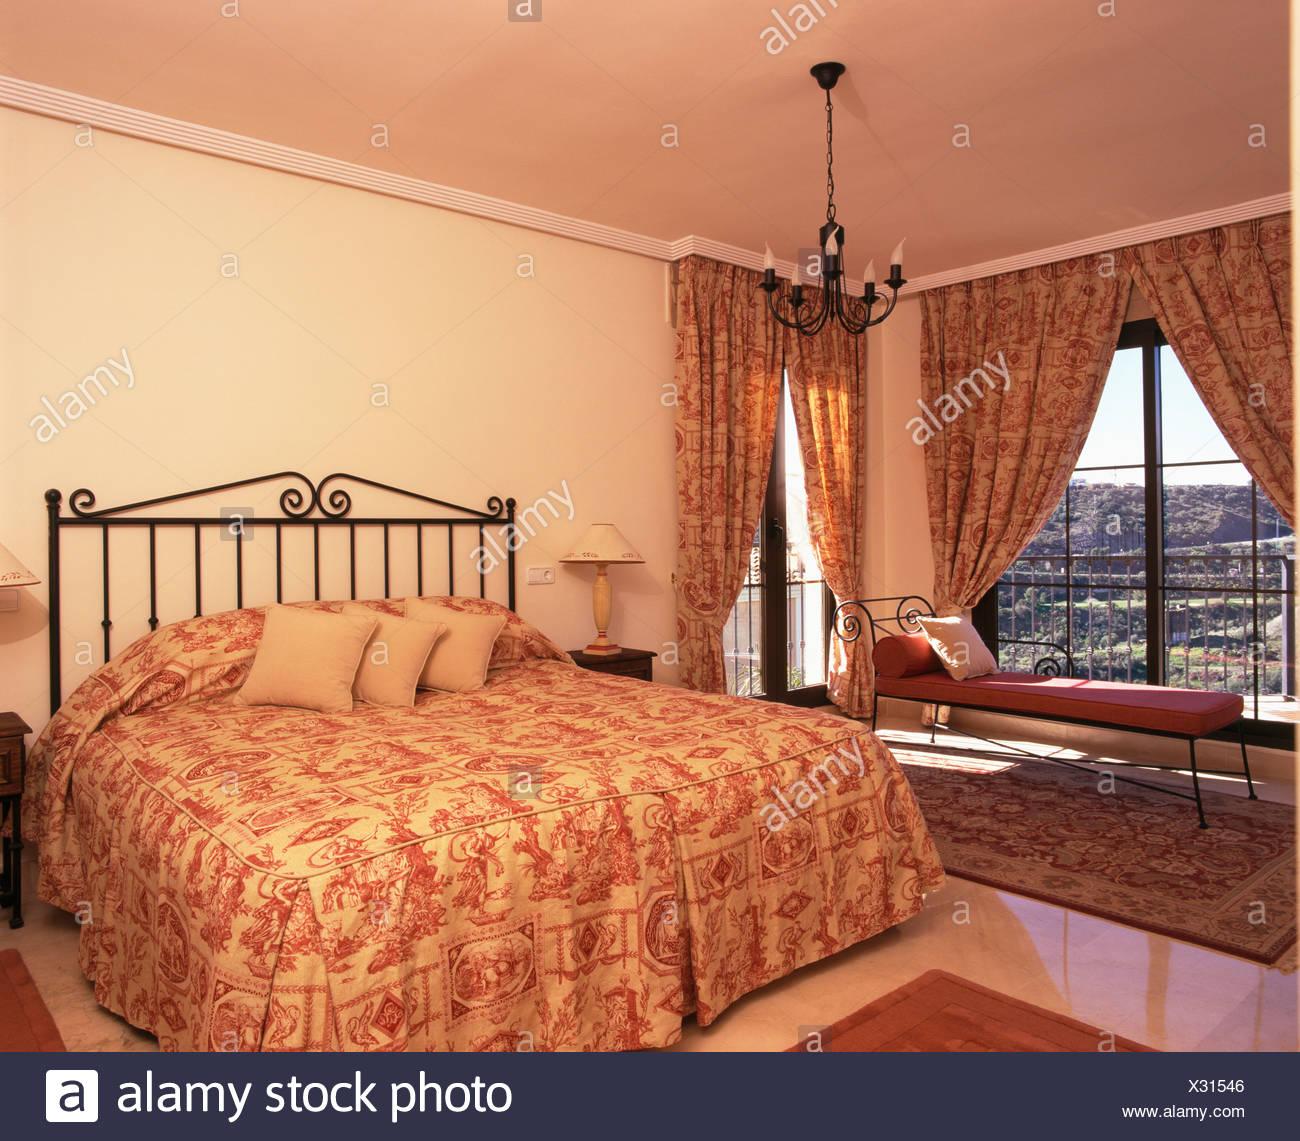 Chambre En Espagnol: Toile De Jouy Curtains Photos & Toile De Jouy Curtains